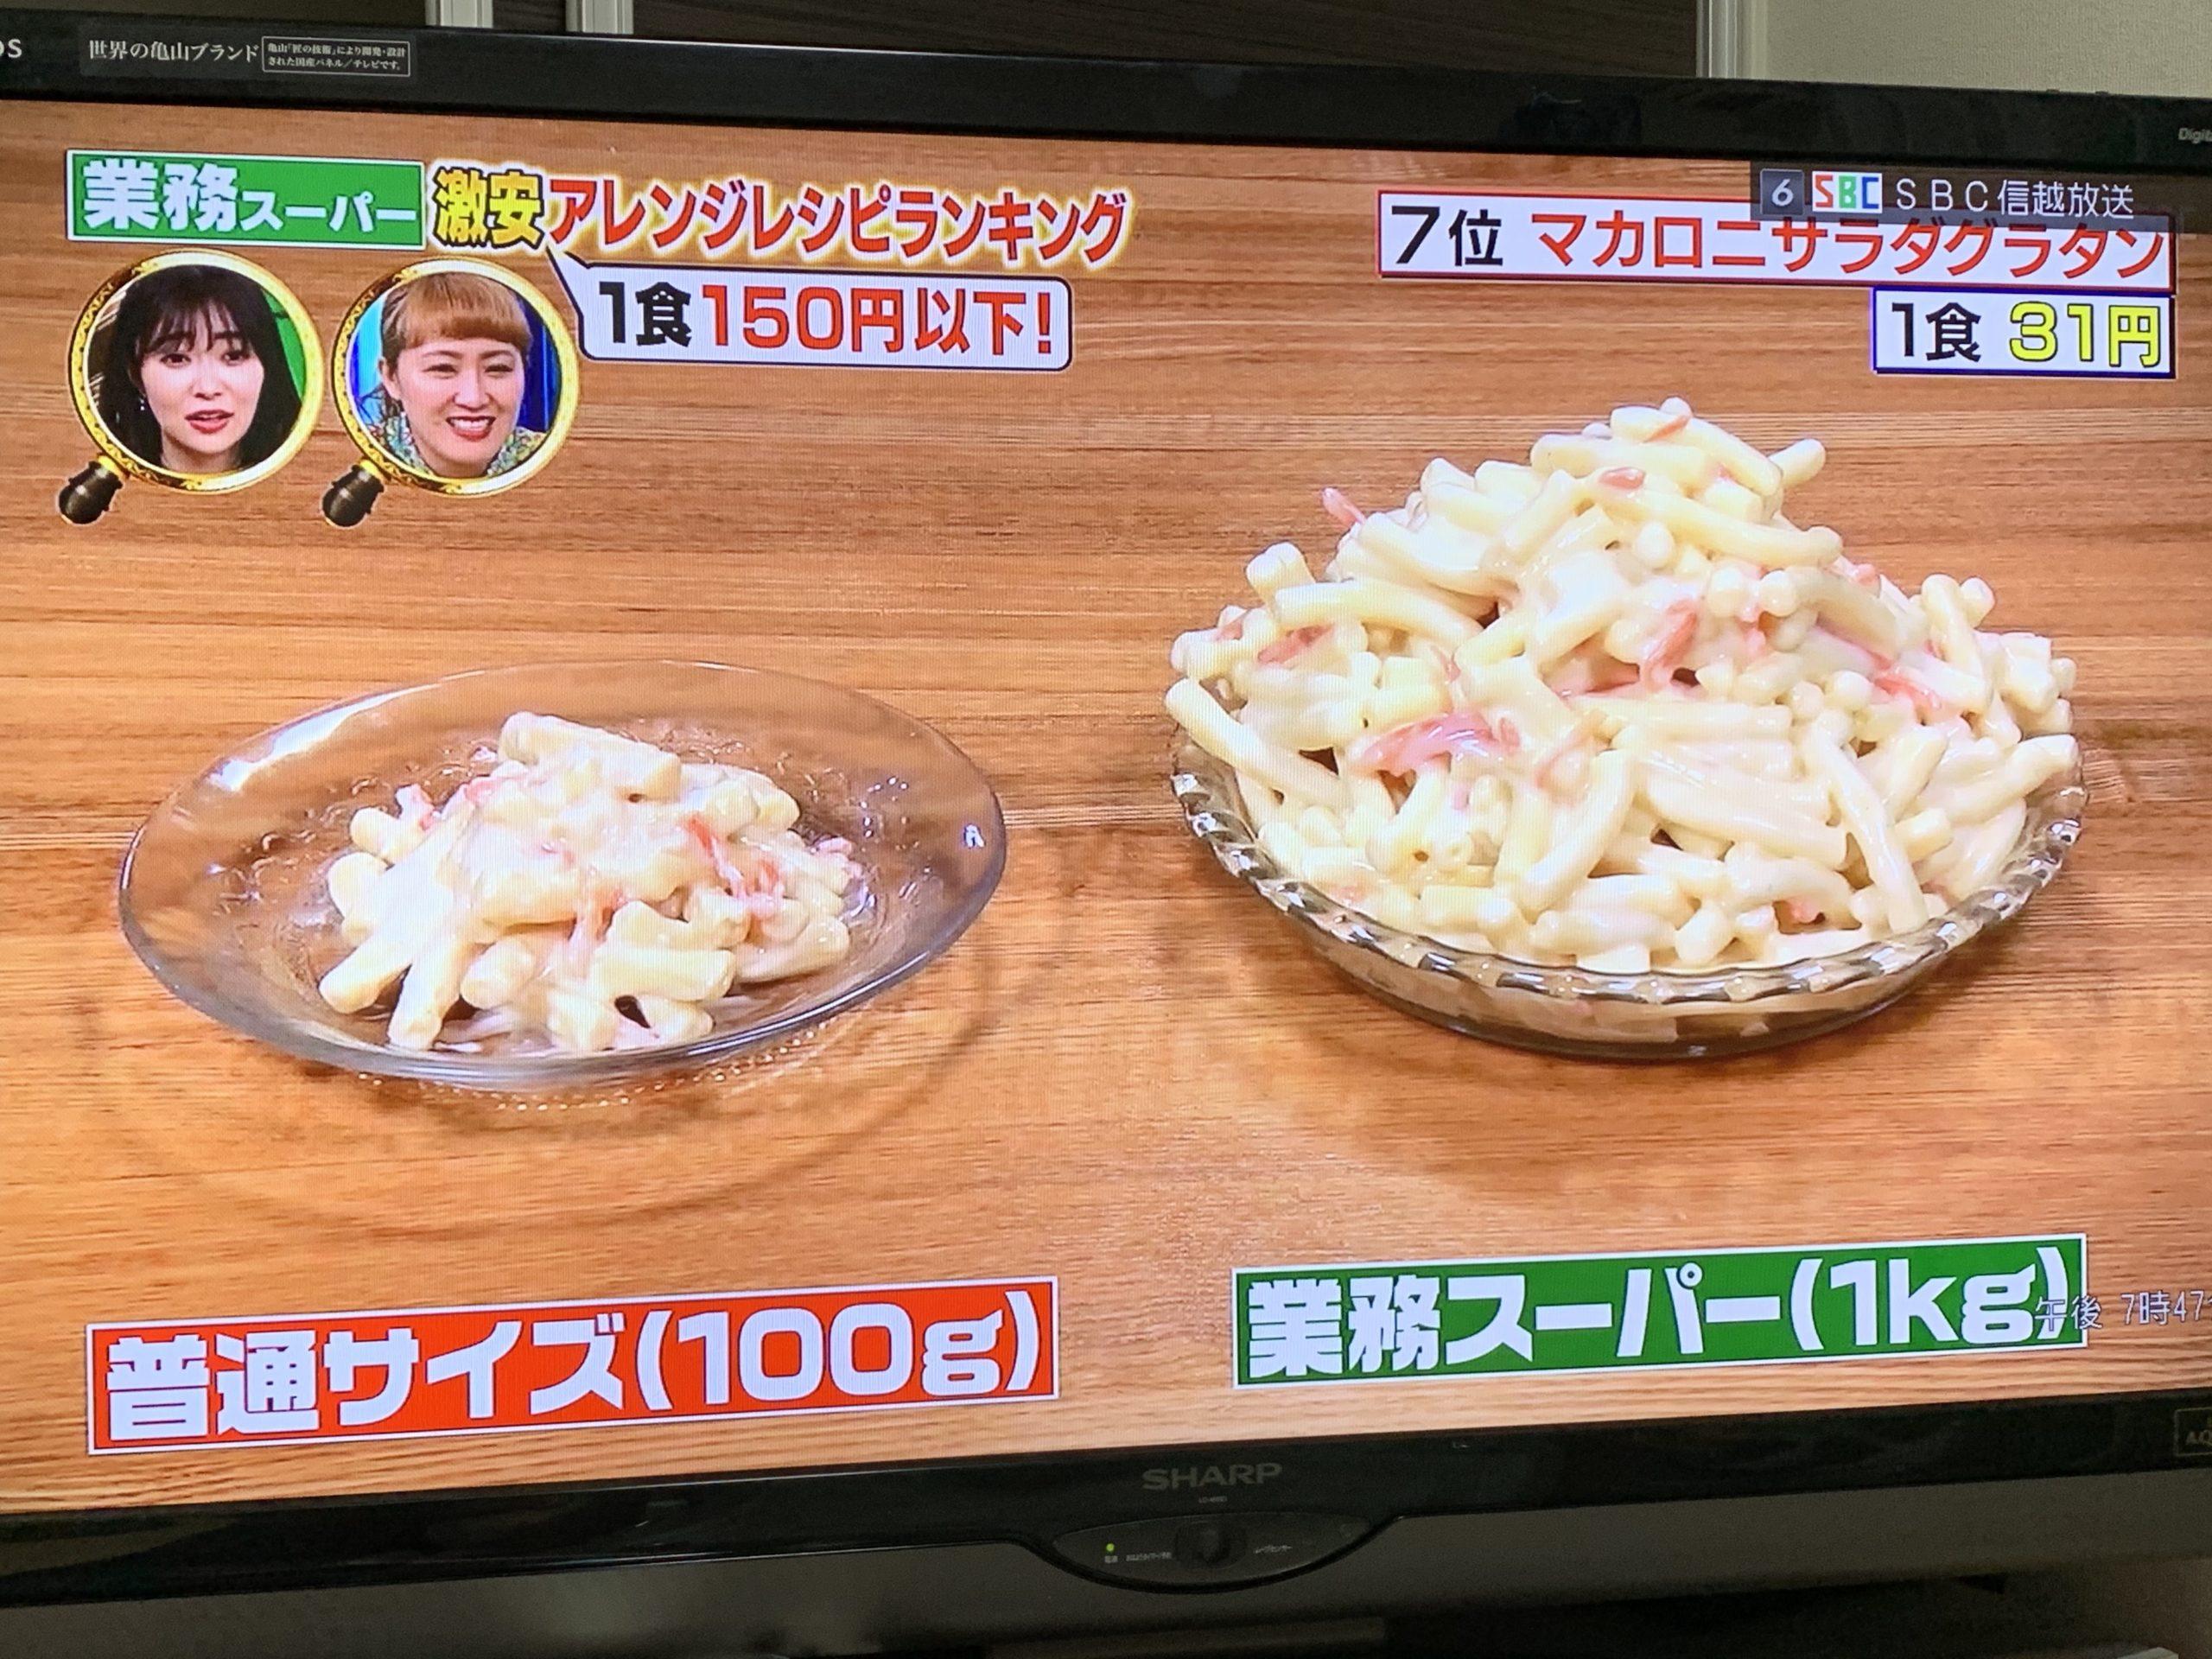 業務 スーパー マカロニ サラダ アレンジ